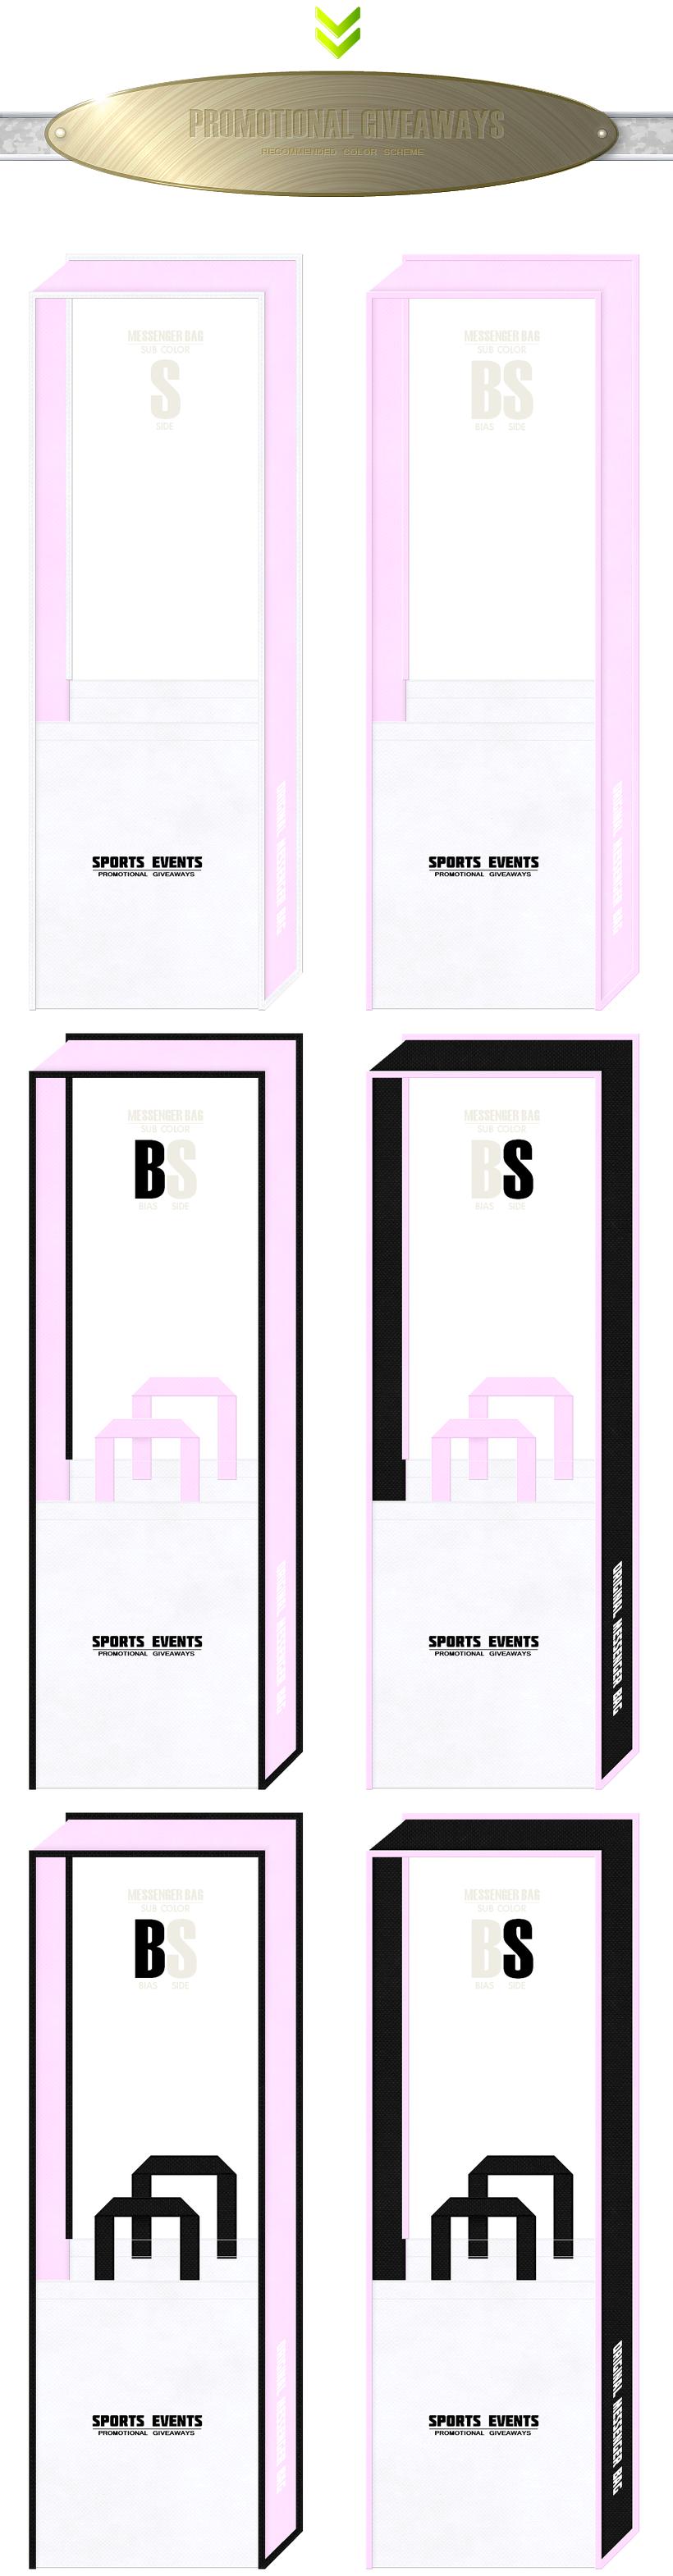 白色とパステルピンク色をメインに使用した、不織布メッセンジャーバッグのカラーシミュレーション:スポーツイベントのノベルティ